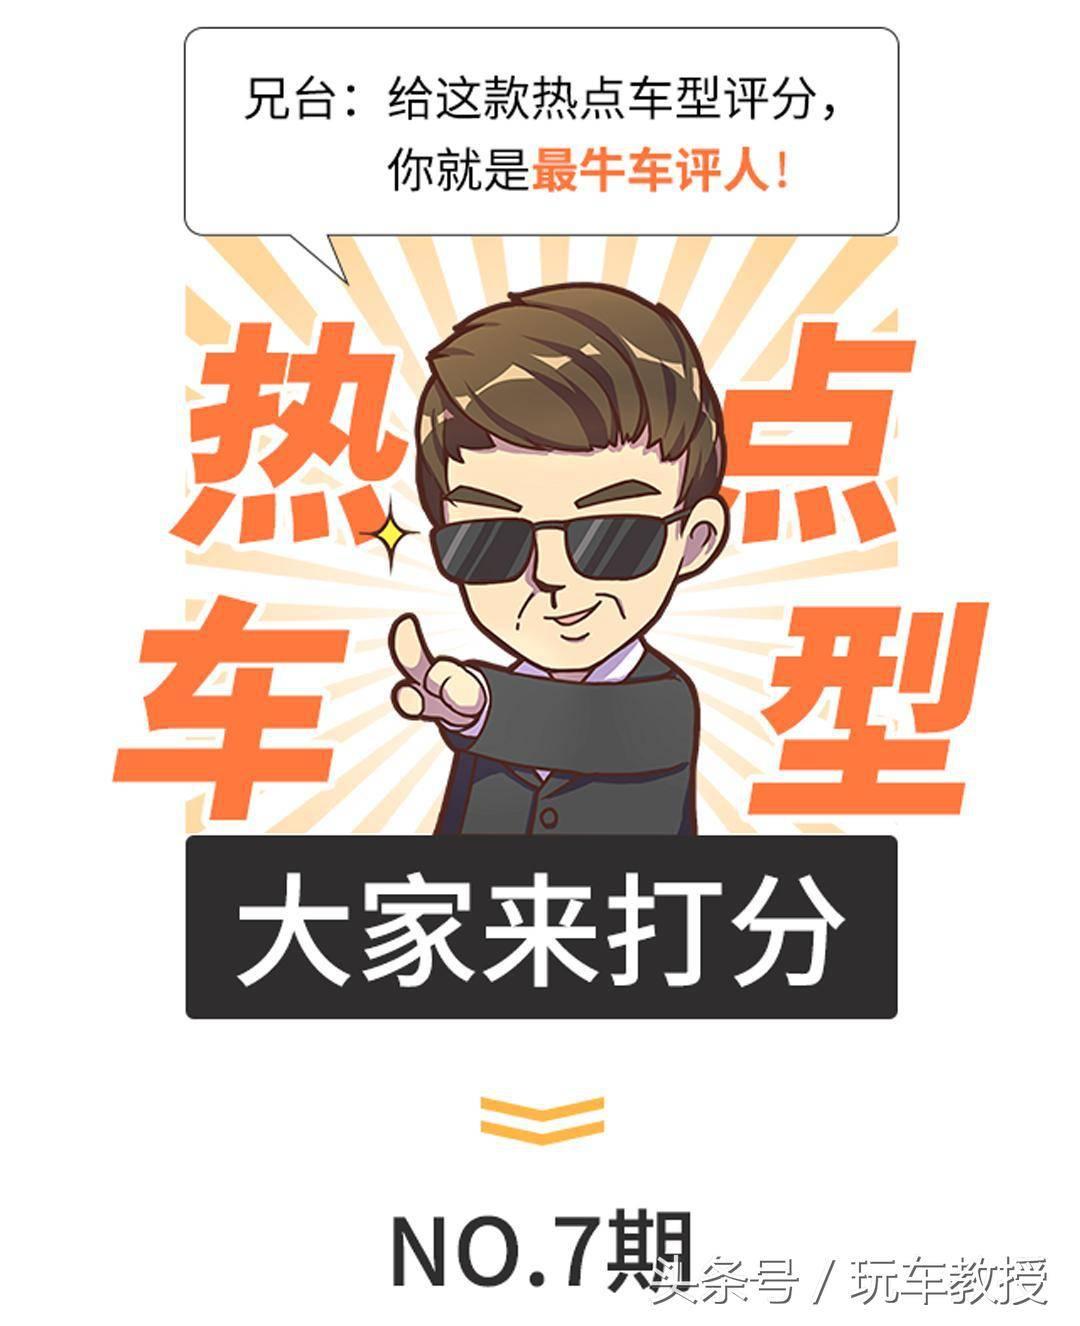 汉兰达好吗(丰田汉兰达值得买吗)插图(1)